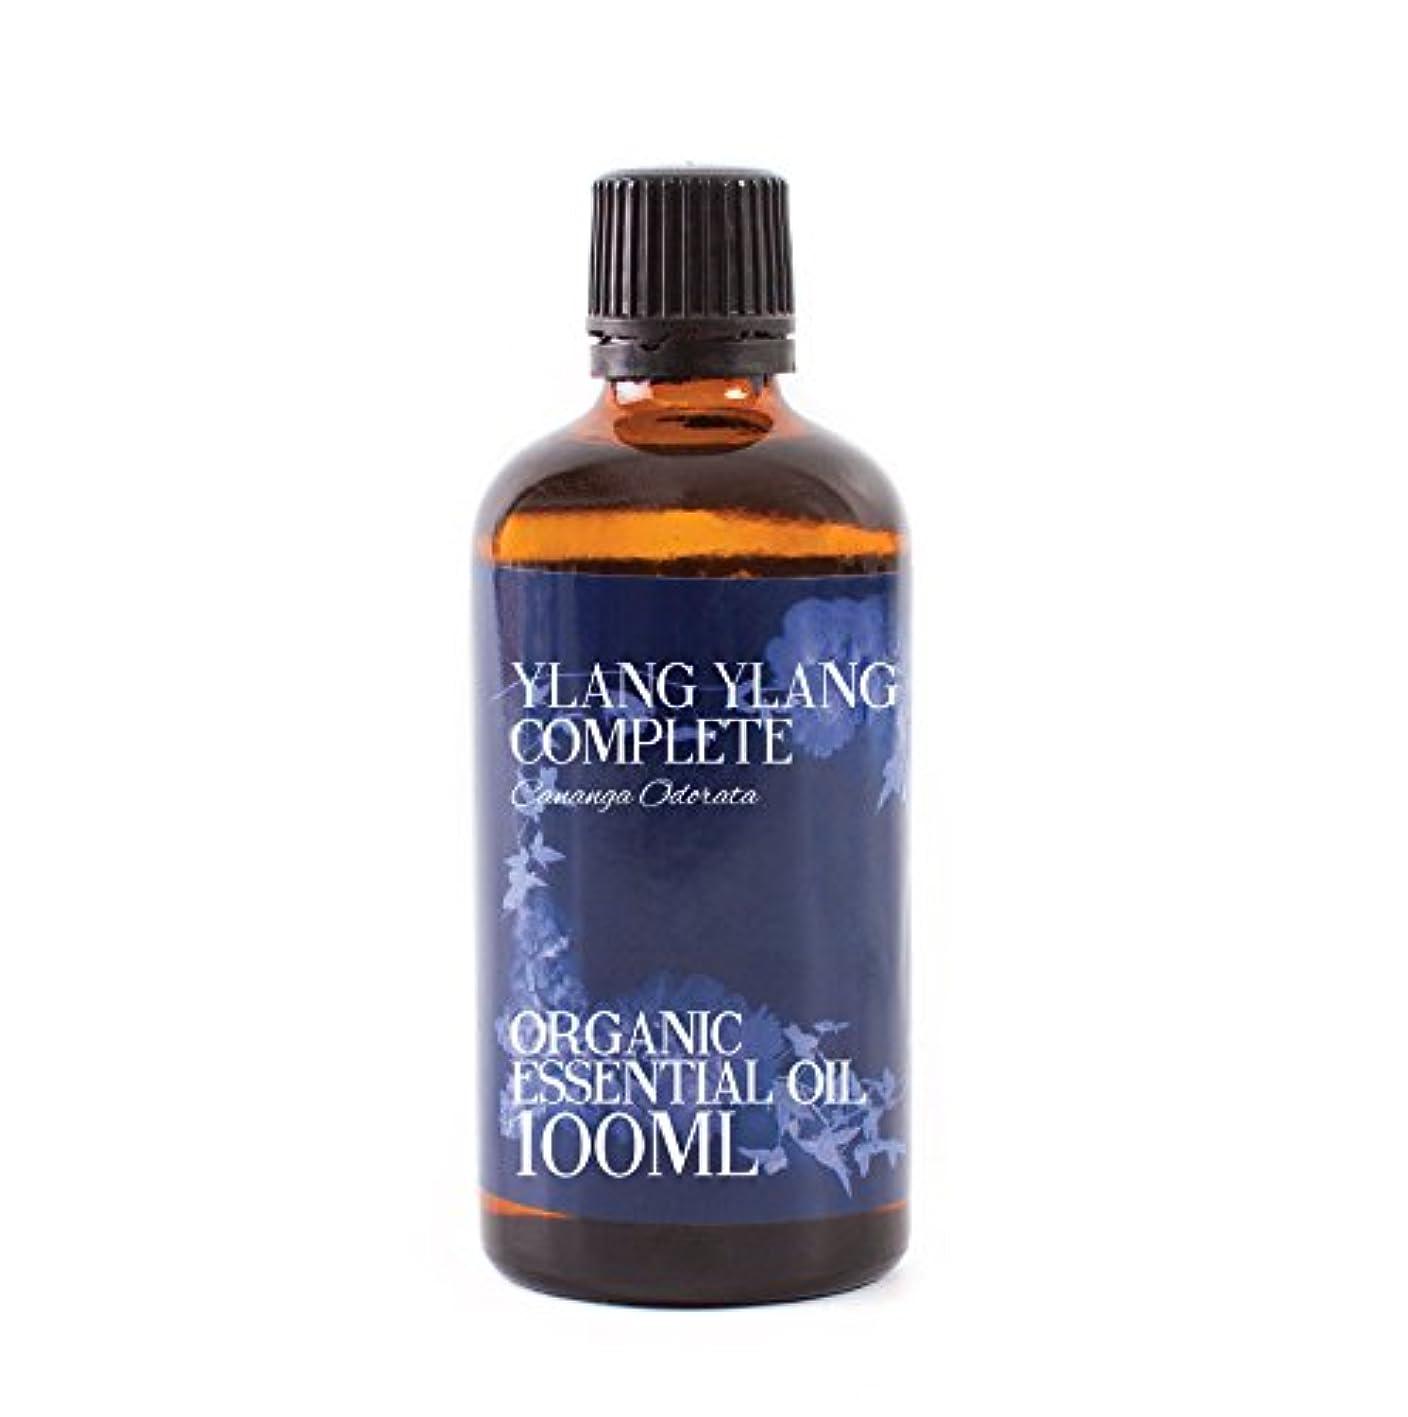 アレキサンダーグラハムベル商人ベッドを作るMystic Moments | Ylang Ylang Complete Organic Essential Oil - 100ml - 100% Pure